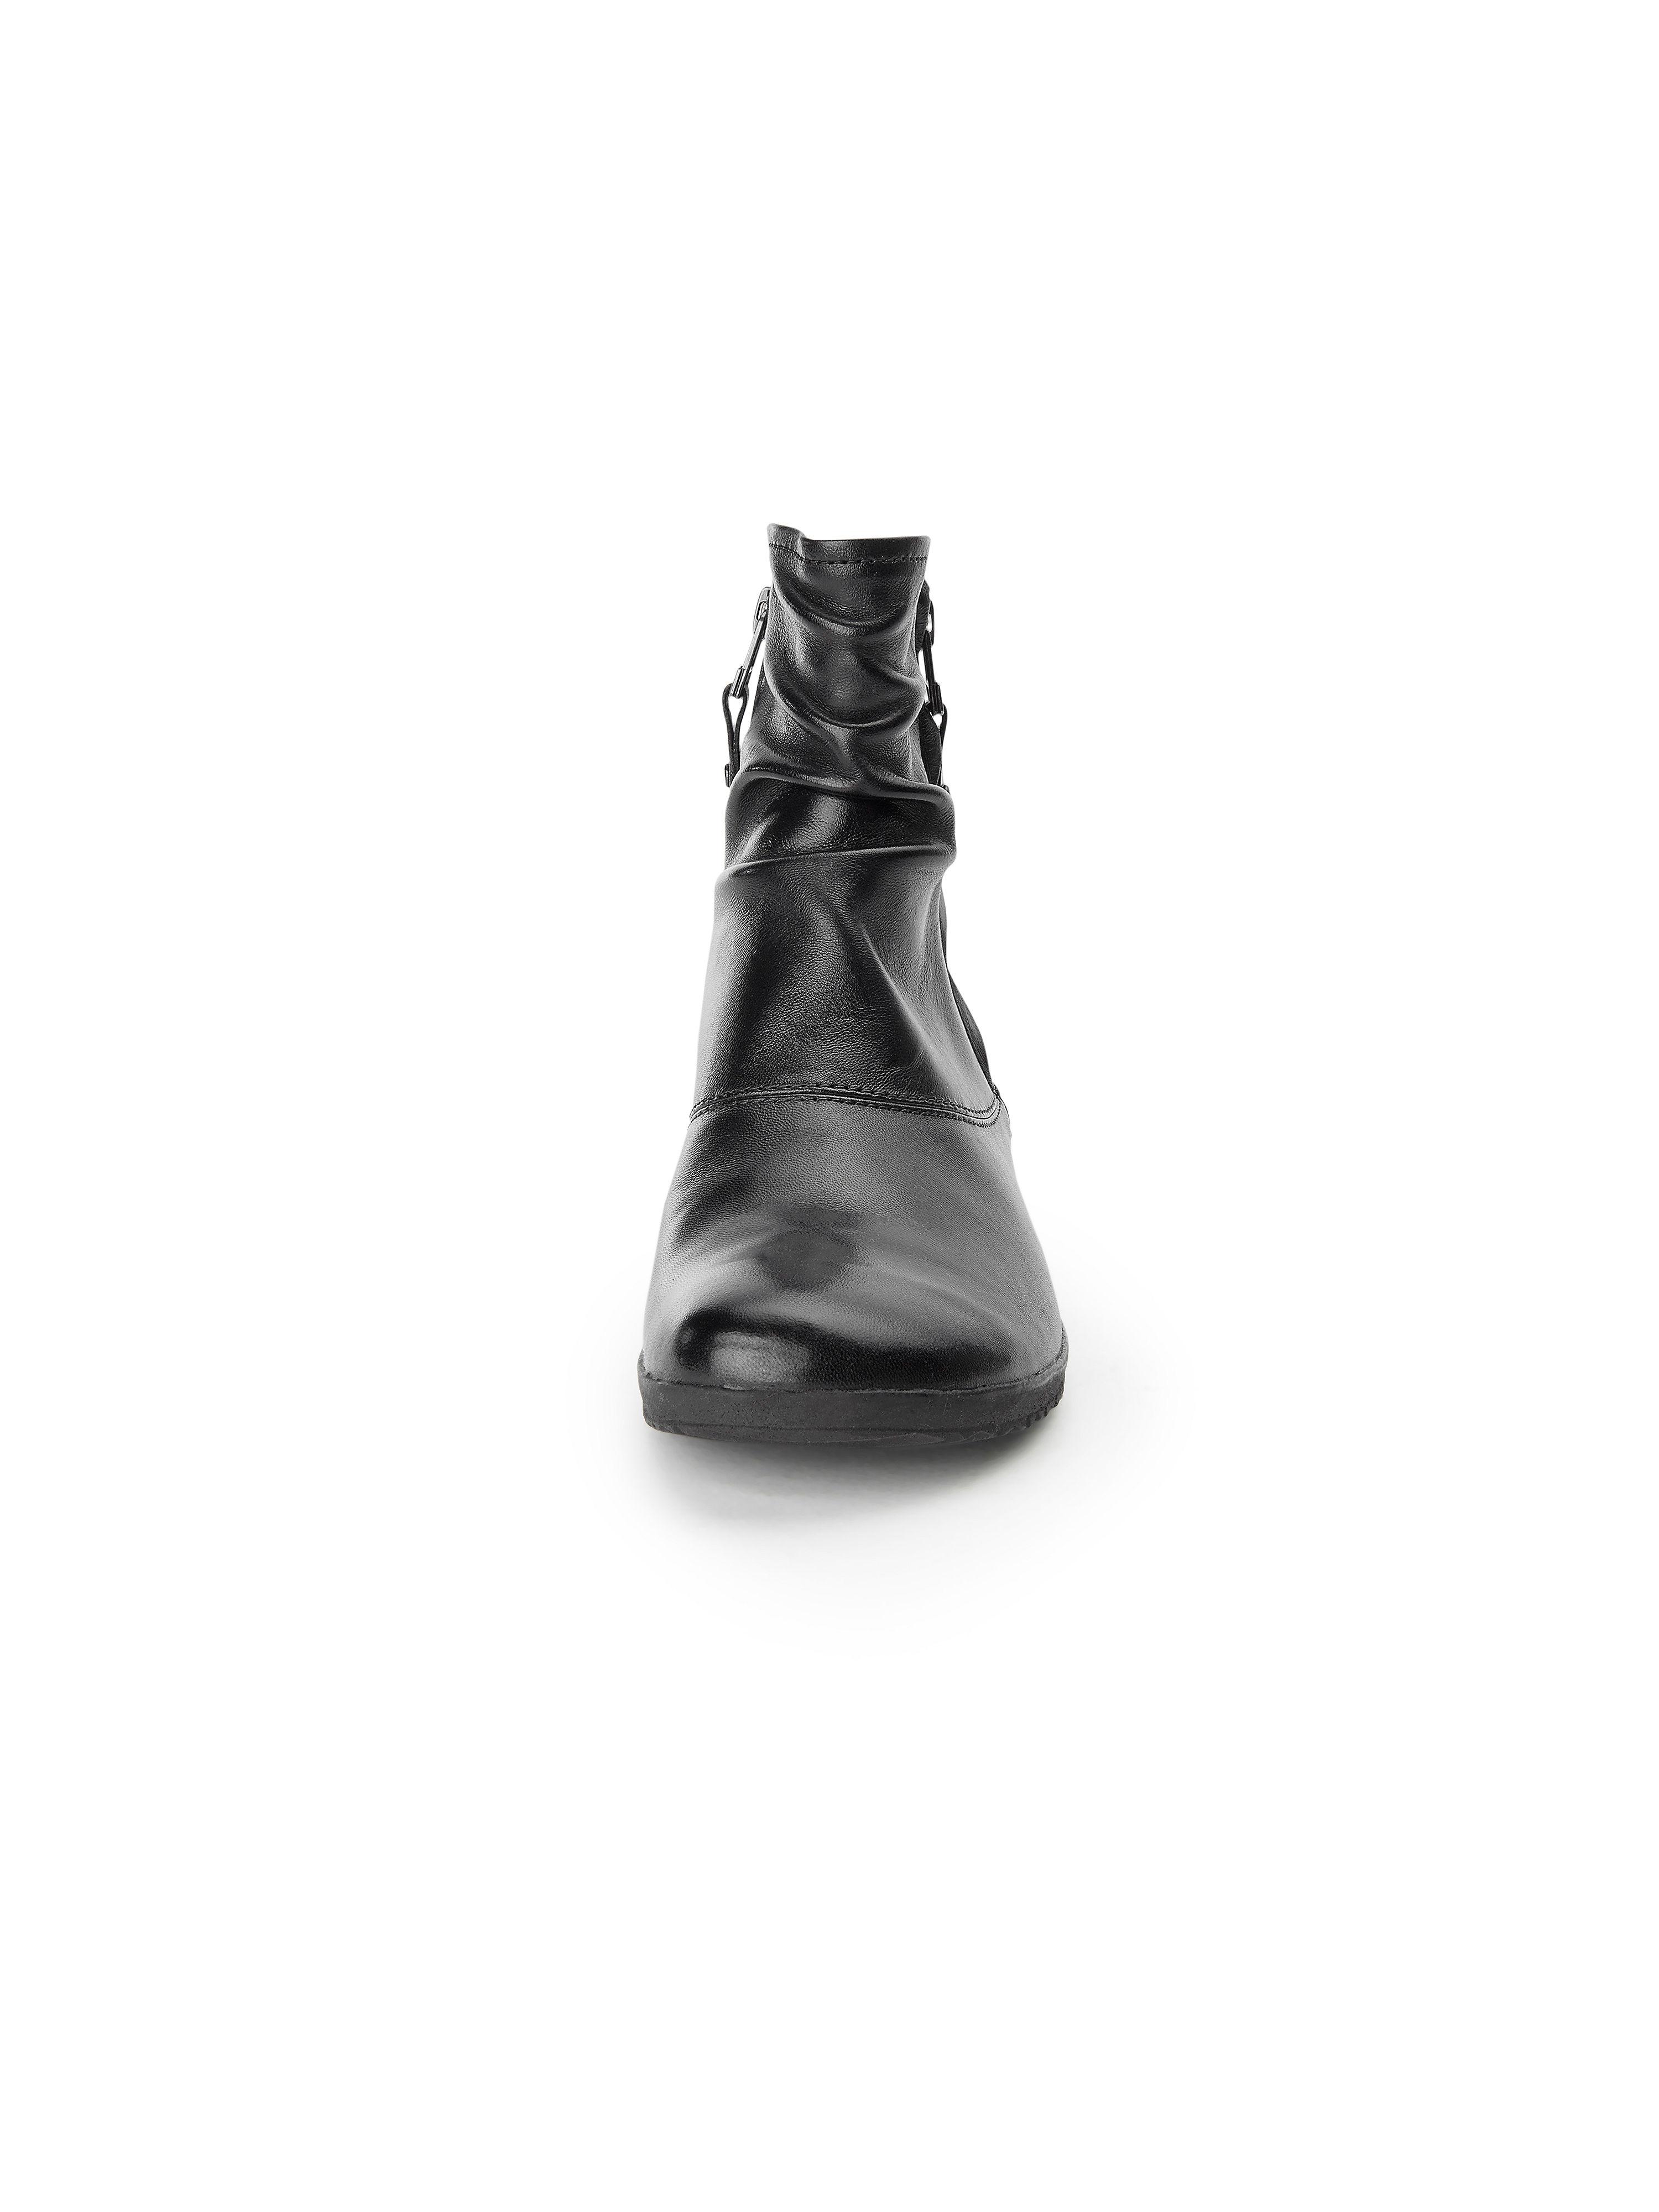 Josef Seibel - Stiefelette aus aus aus 100% Leder - Schwarz Gute Qualität beliebte Schuhe 60c66f